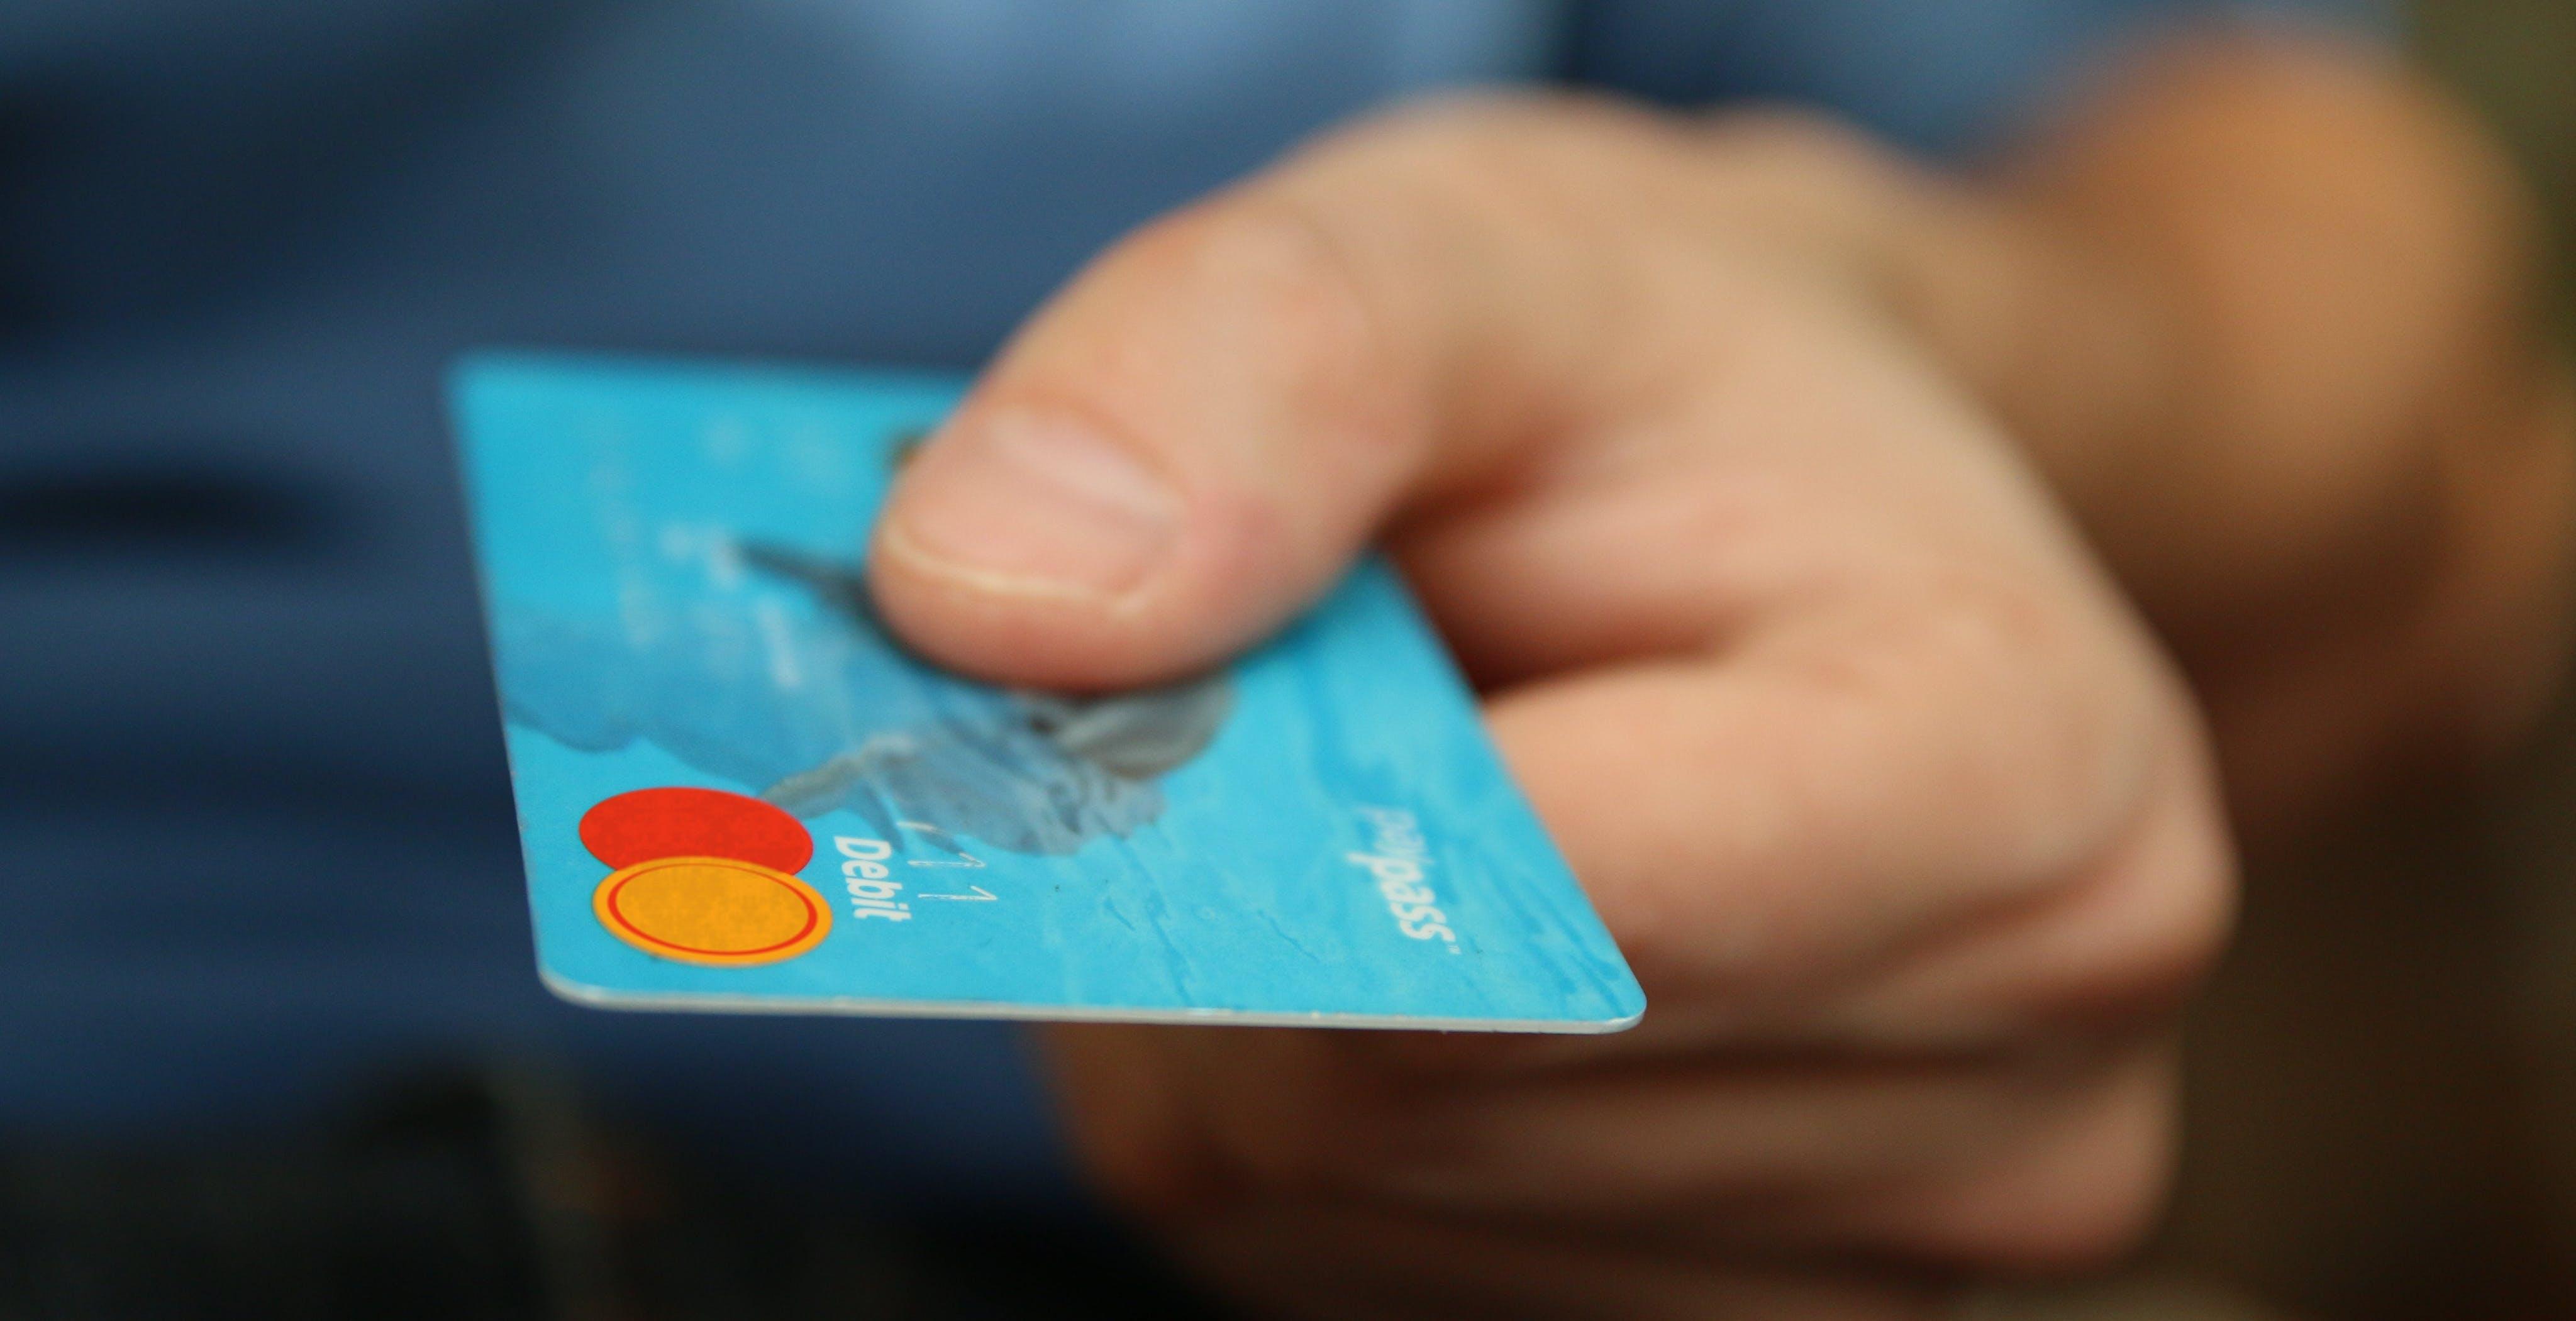 Cashback di Stato chiuso già a luglio: la proposta del sottosegretario dall'Economia